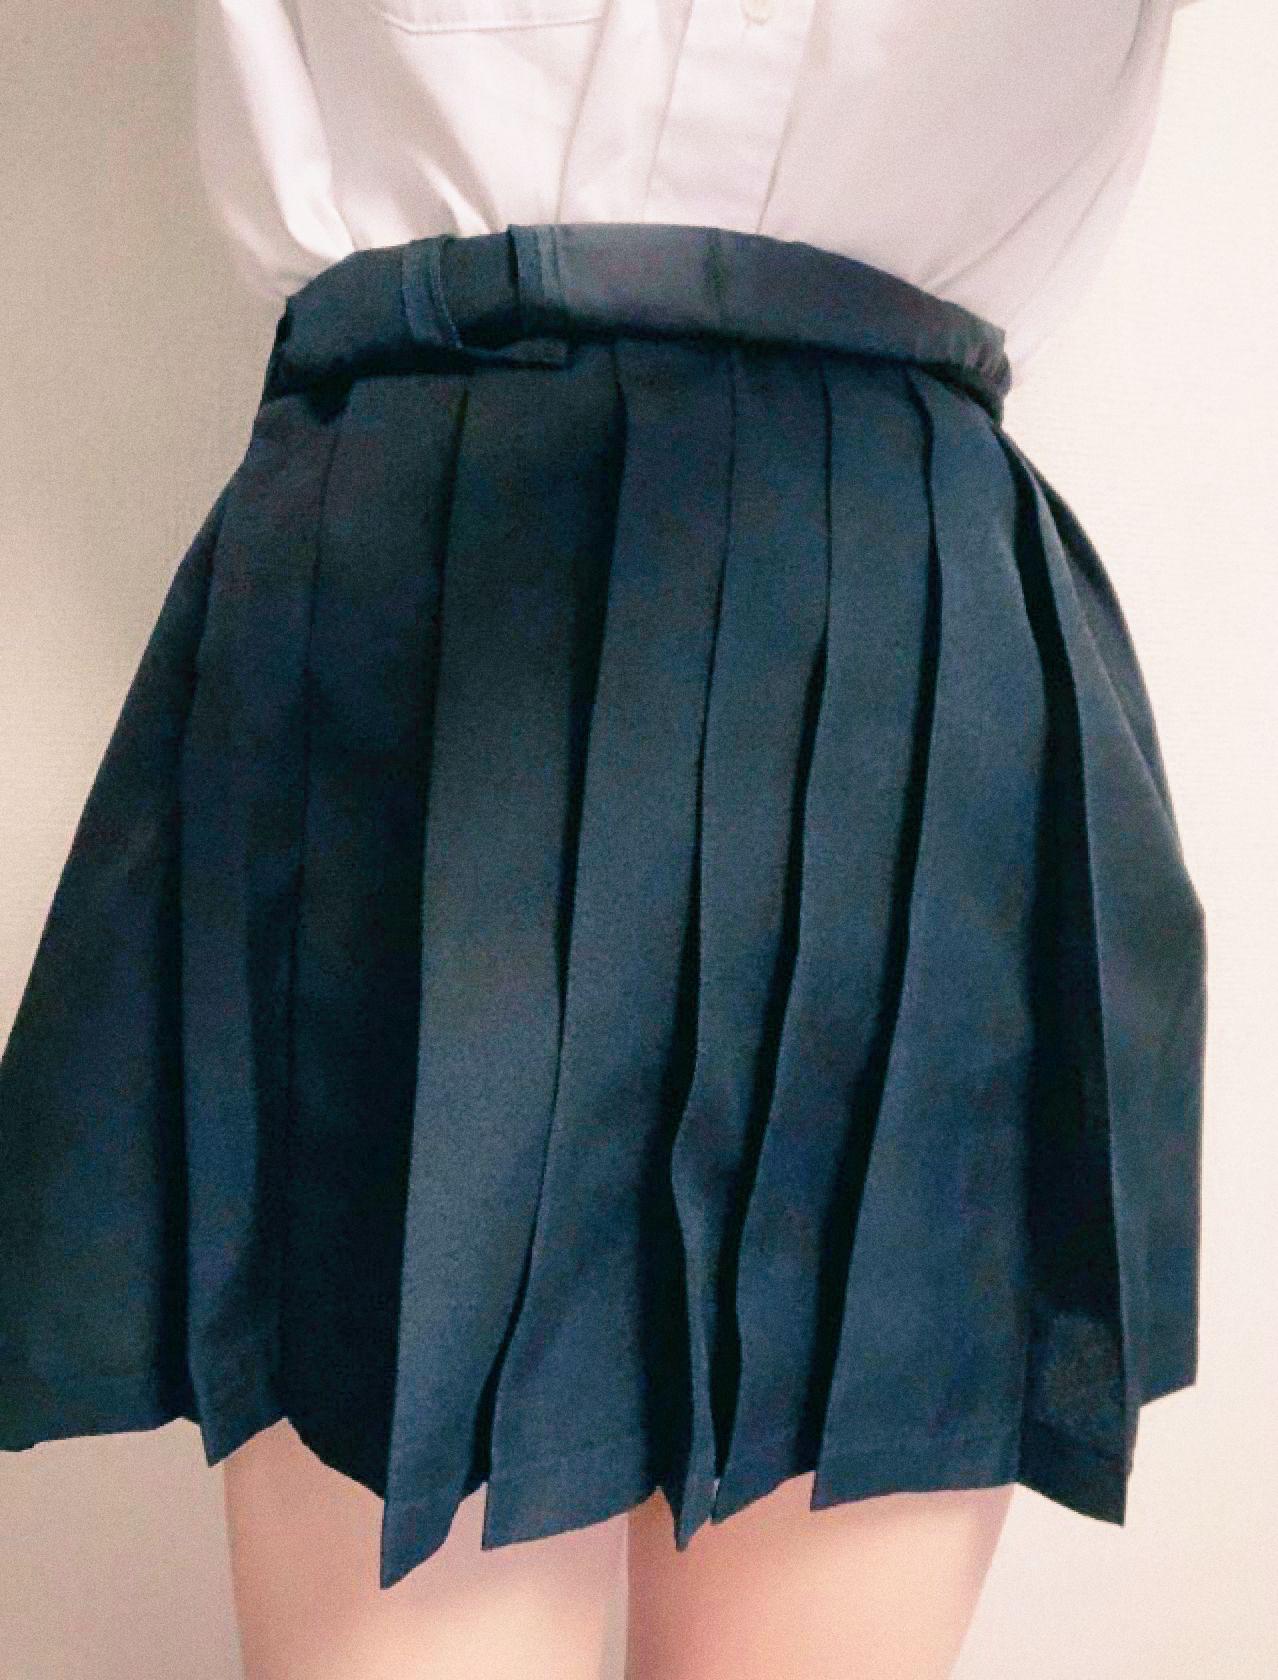 裙長未及膝